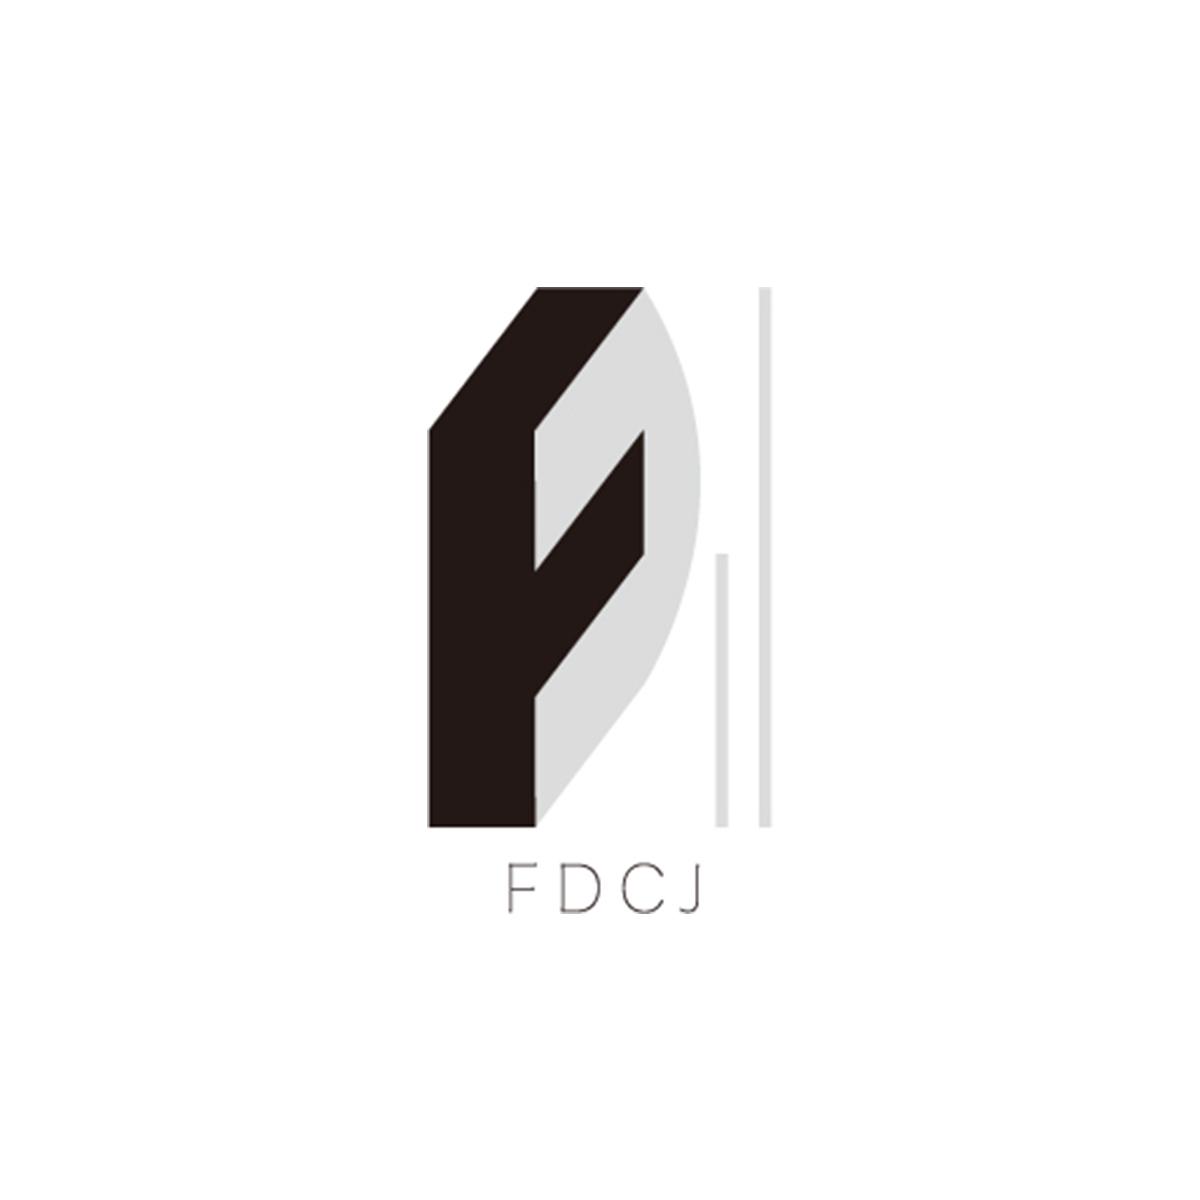 日中未来デザイン交流センター/2018 | ロゴマーク